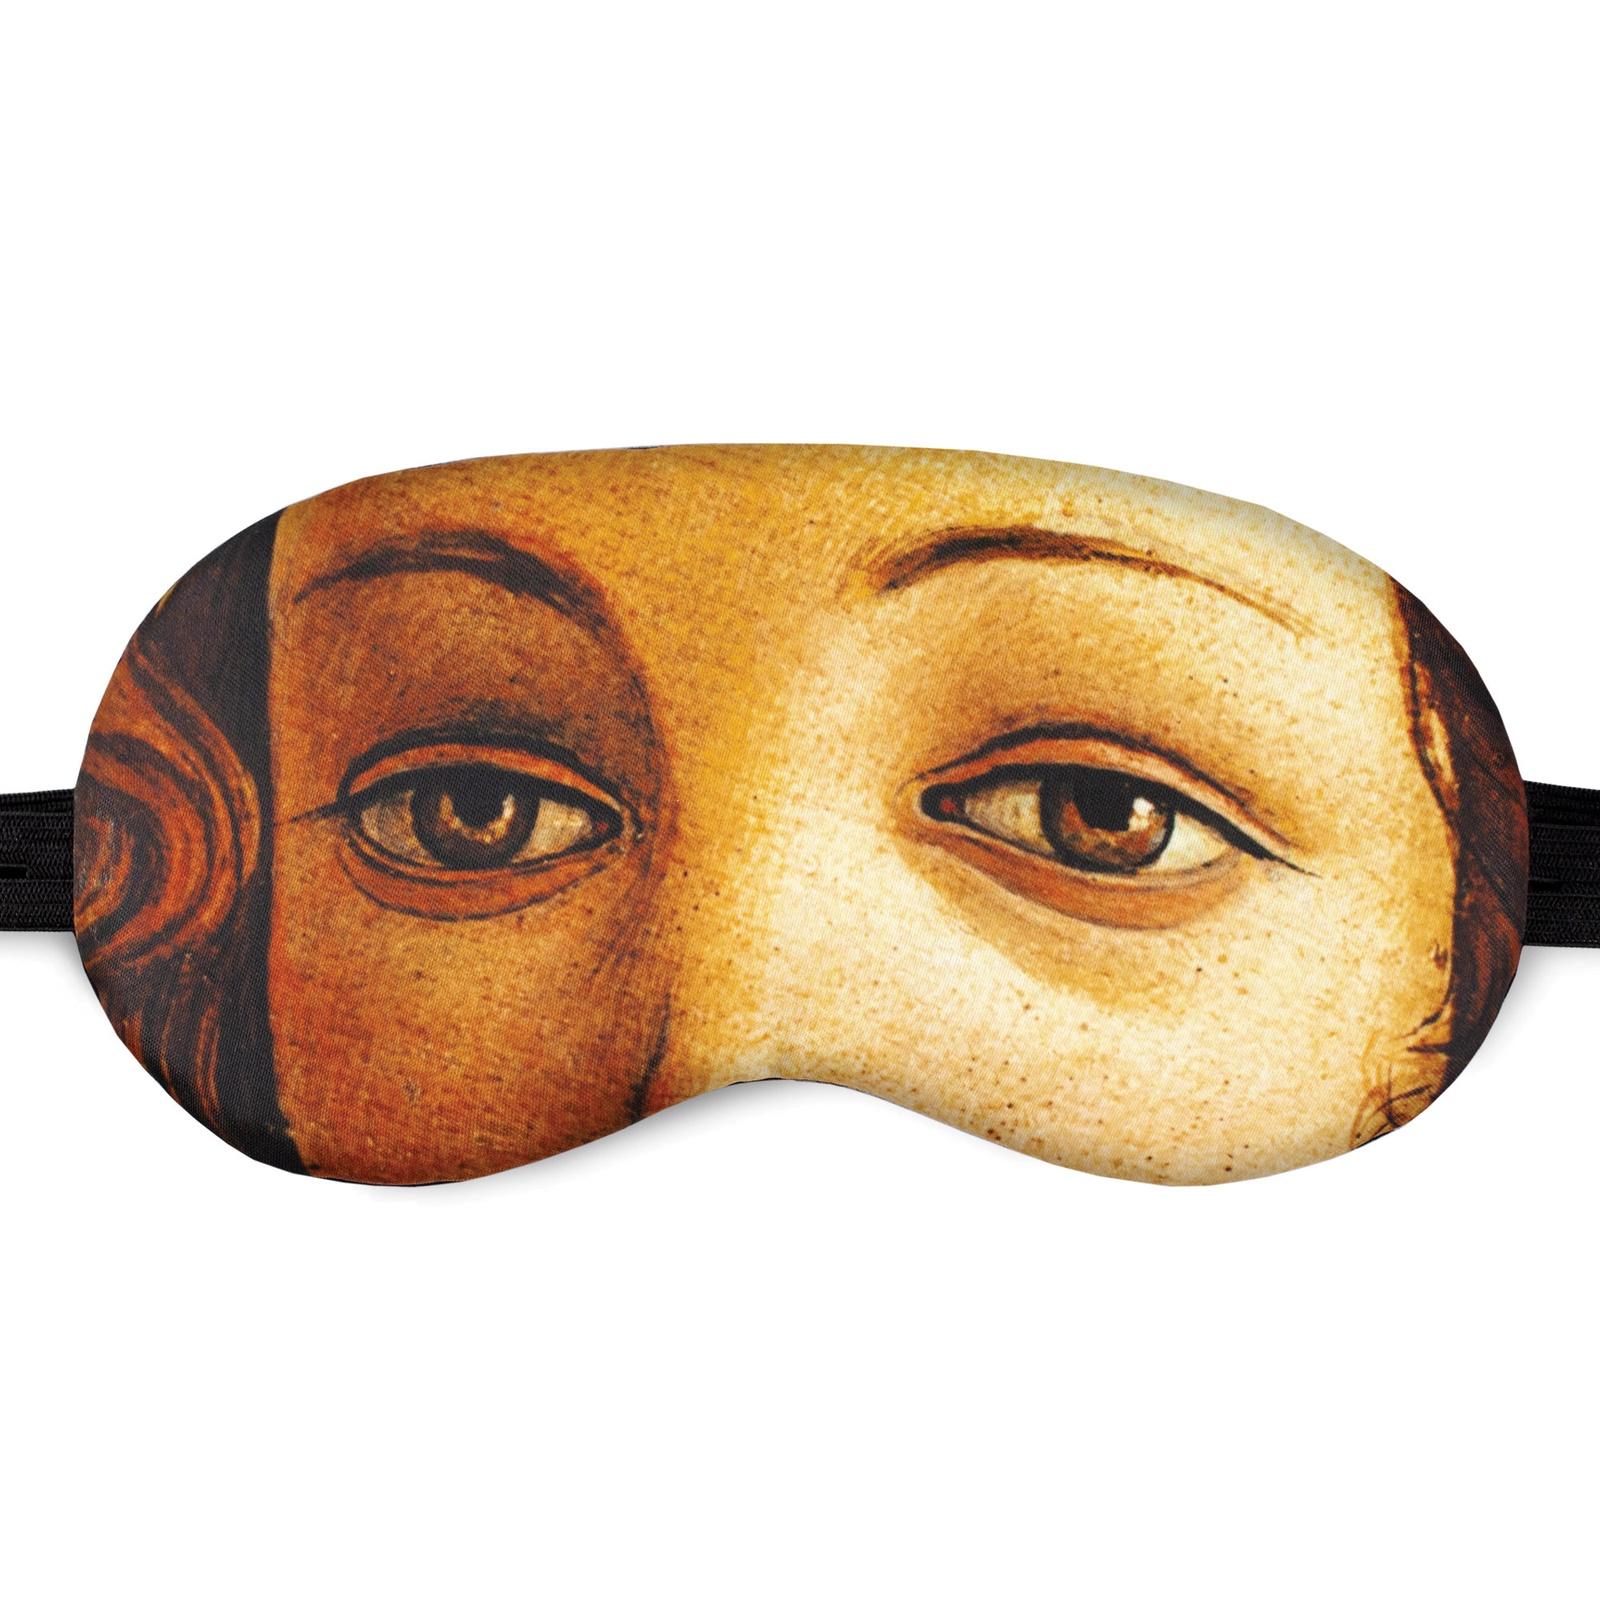 Маска для сна Shuba с изображением глаз героини картины Рождение Венеры (художник Сандро Боттичелли) в пластиковой упаковке fotoniobox лайтбокс боттичелли рождение венеры 25x25 139